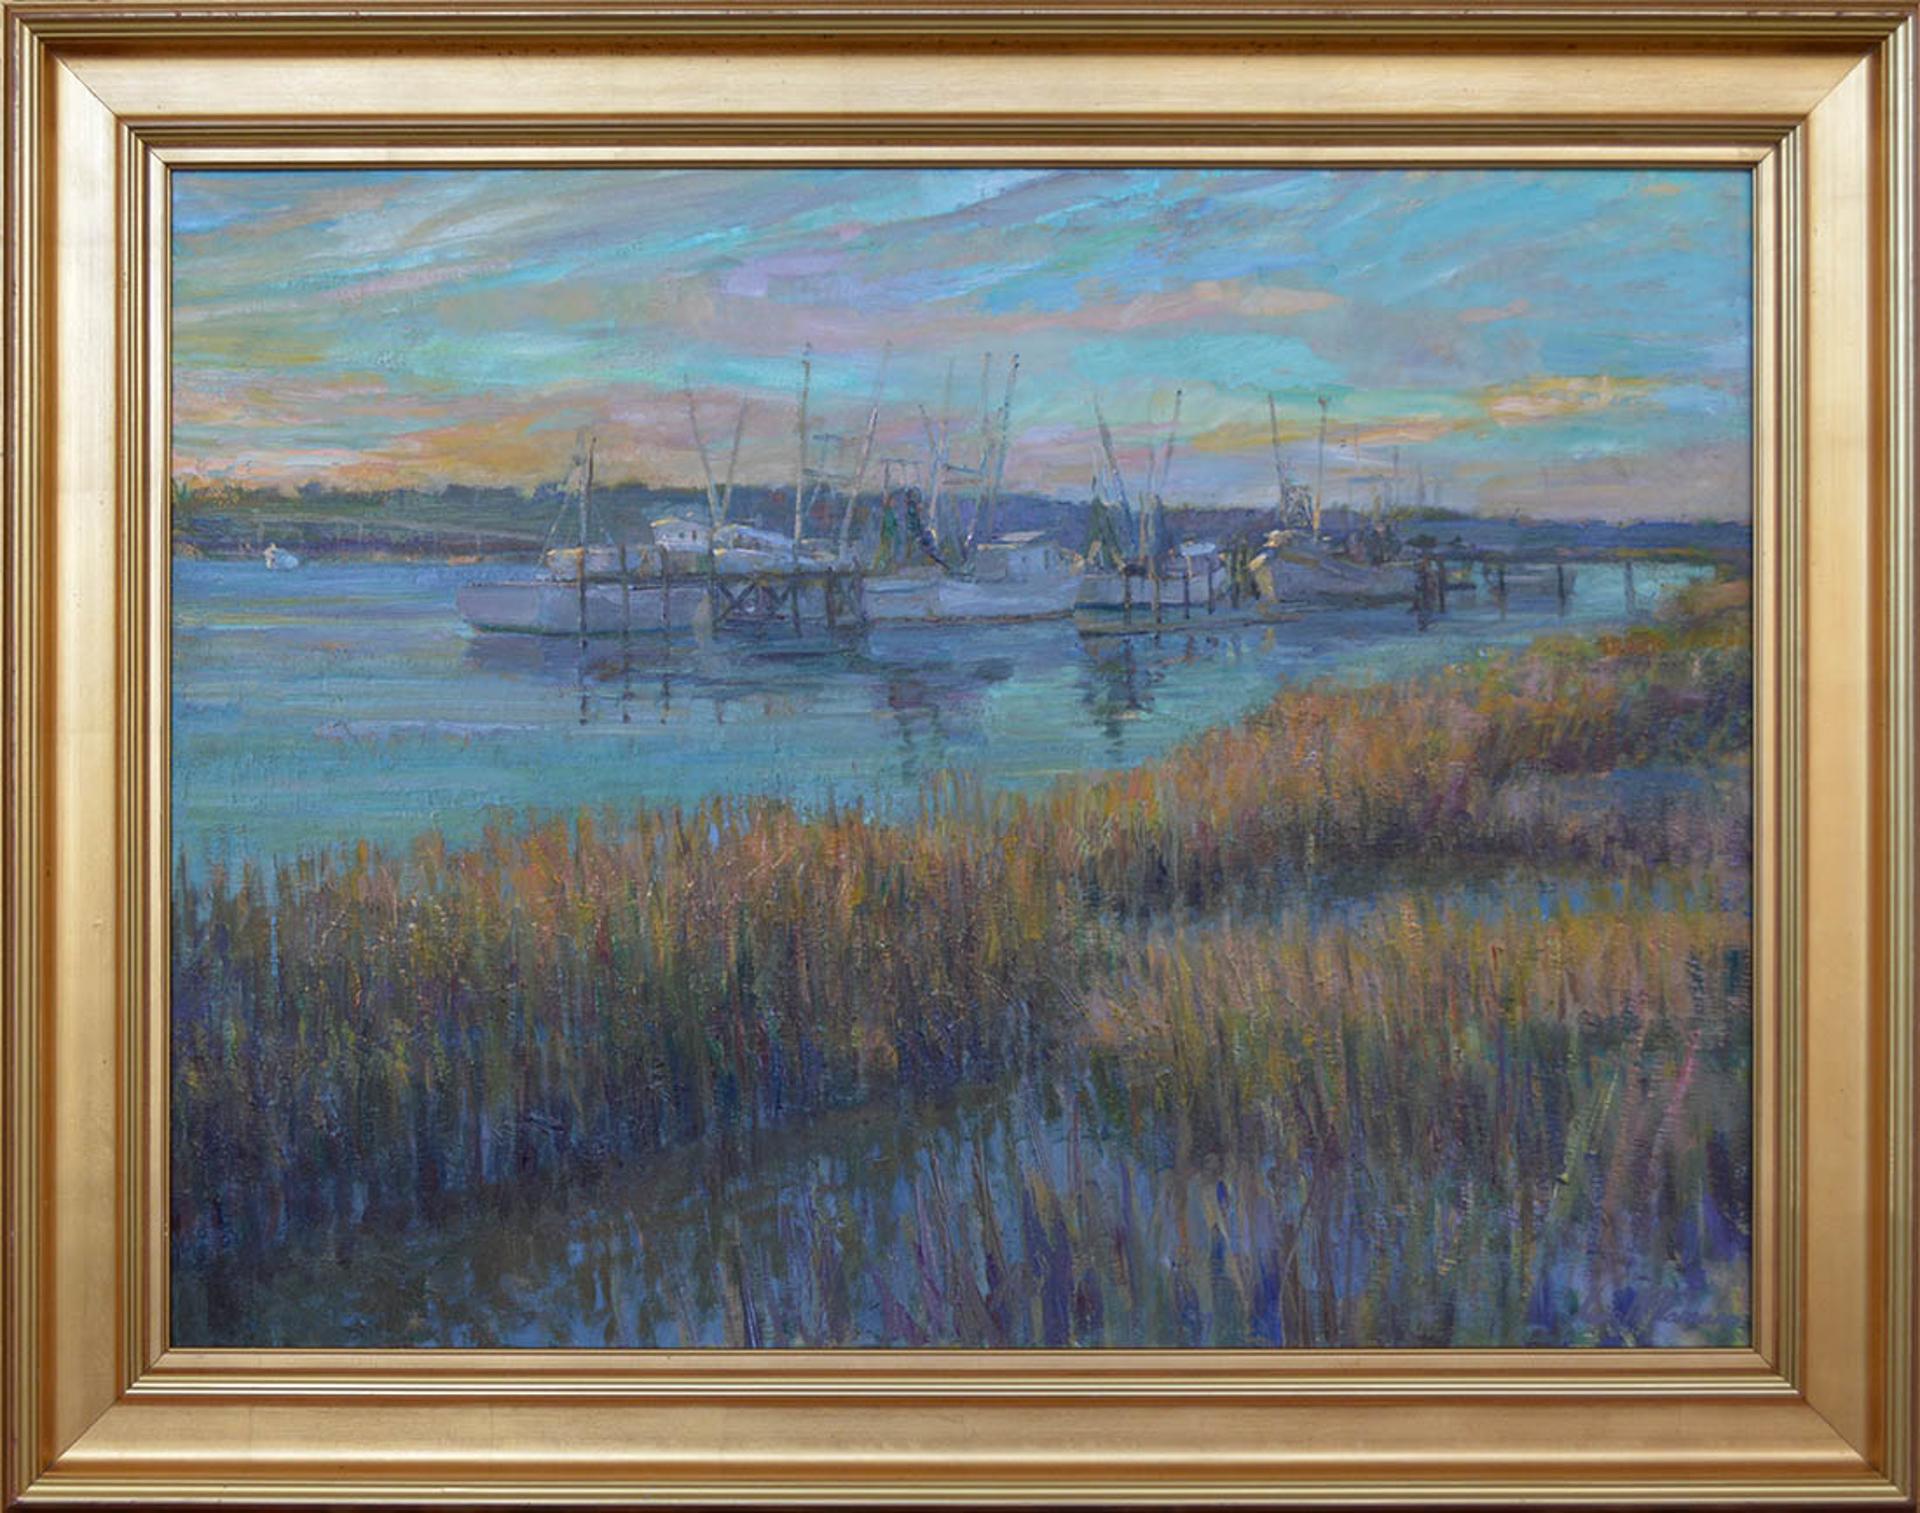 Boats at Port Royal by Kevin McNamara